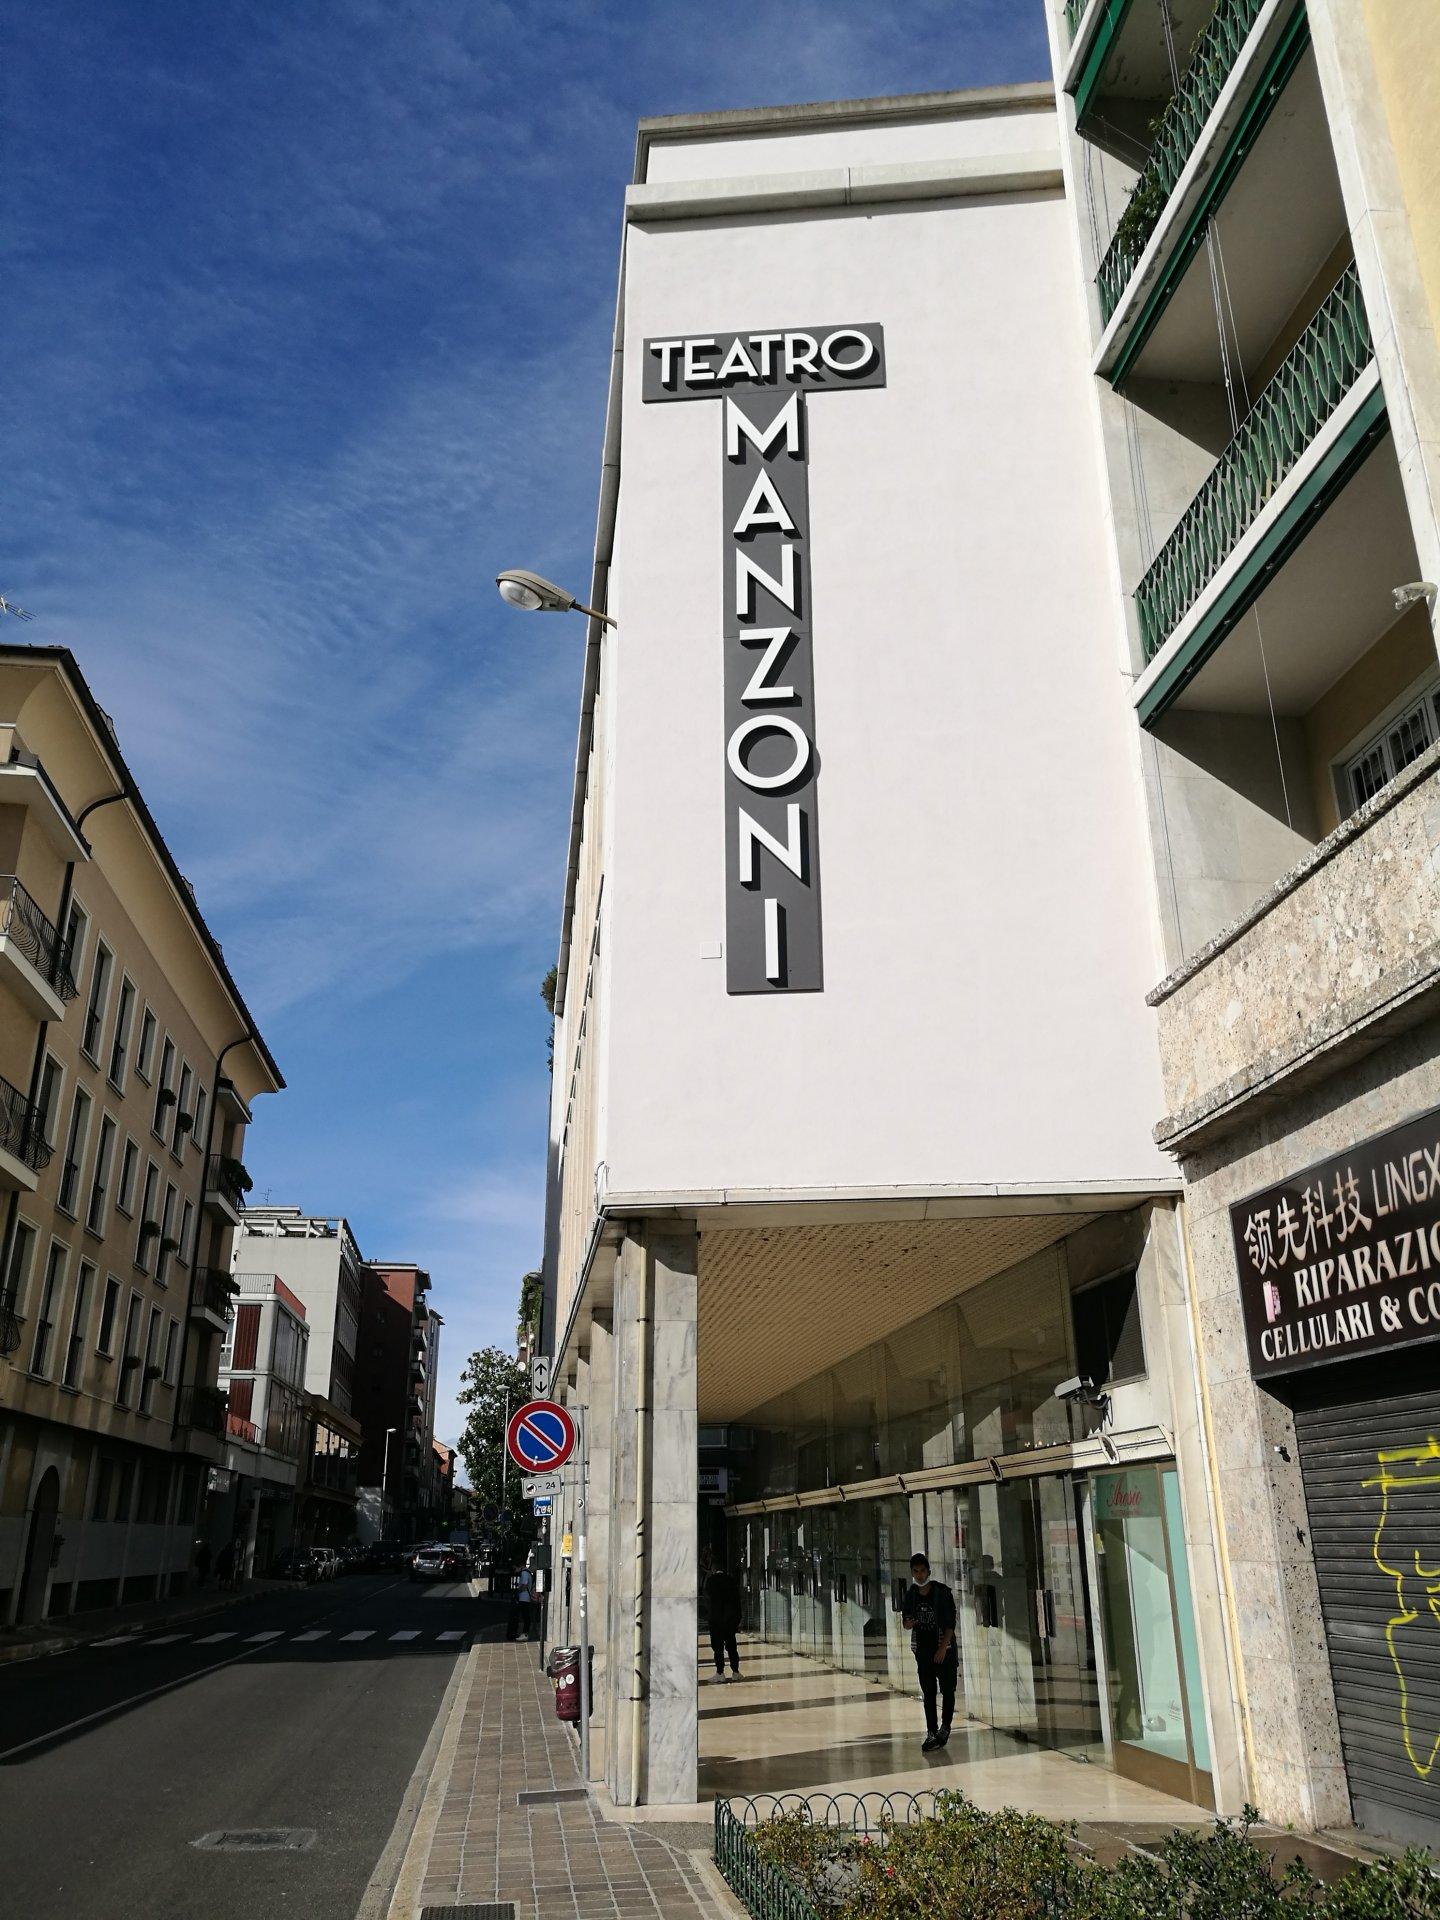 Operazione pulizia al Teatro Manzoni di Monza